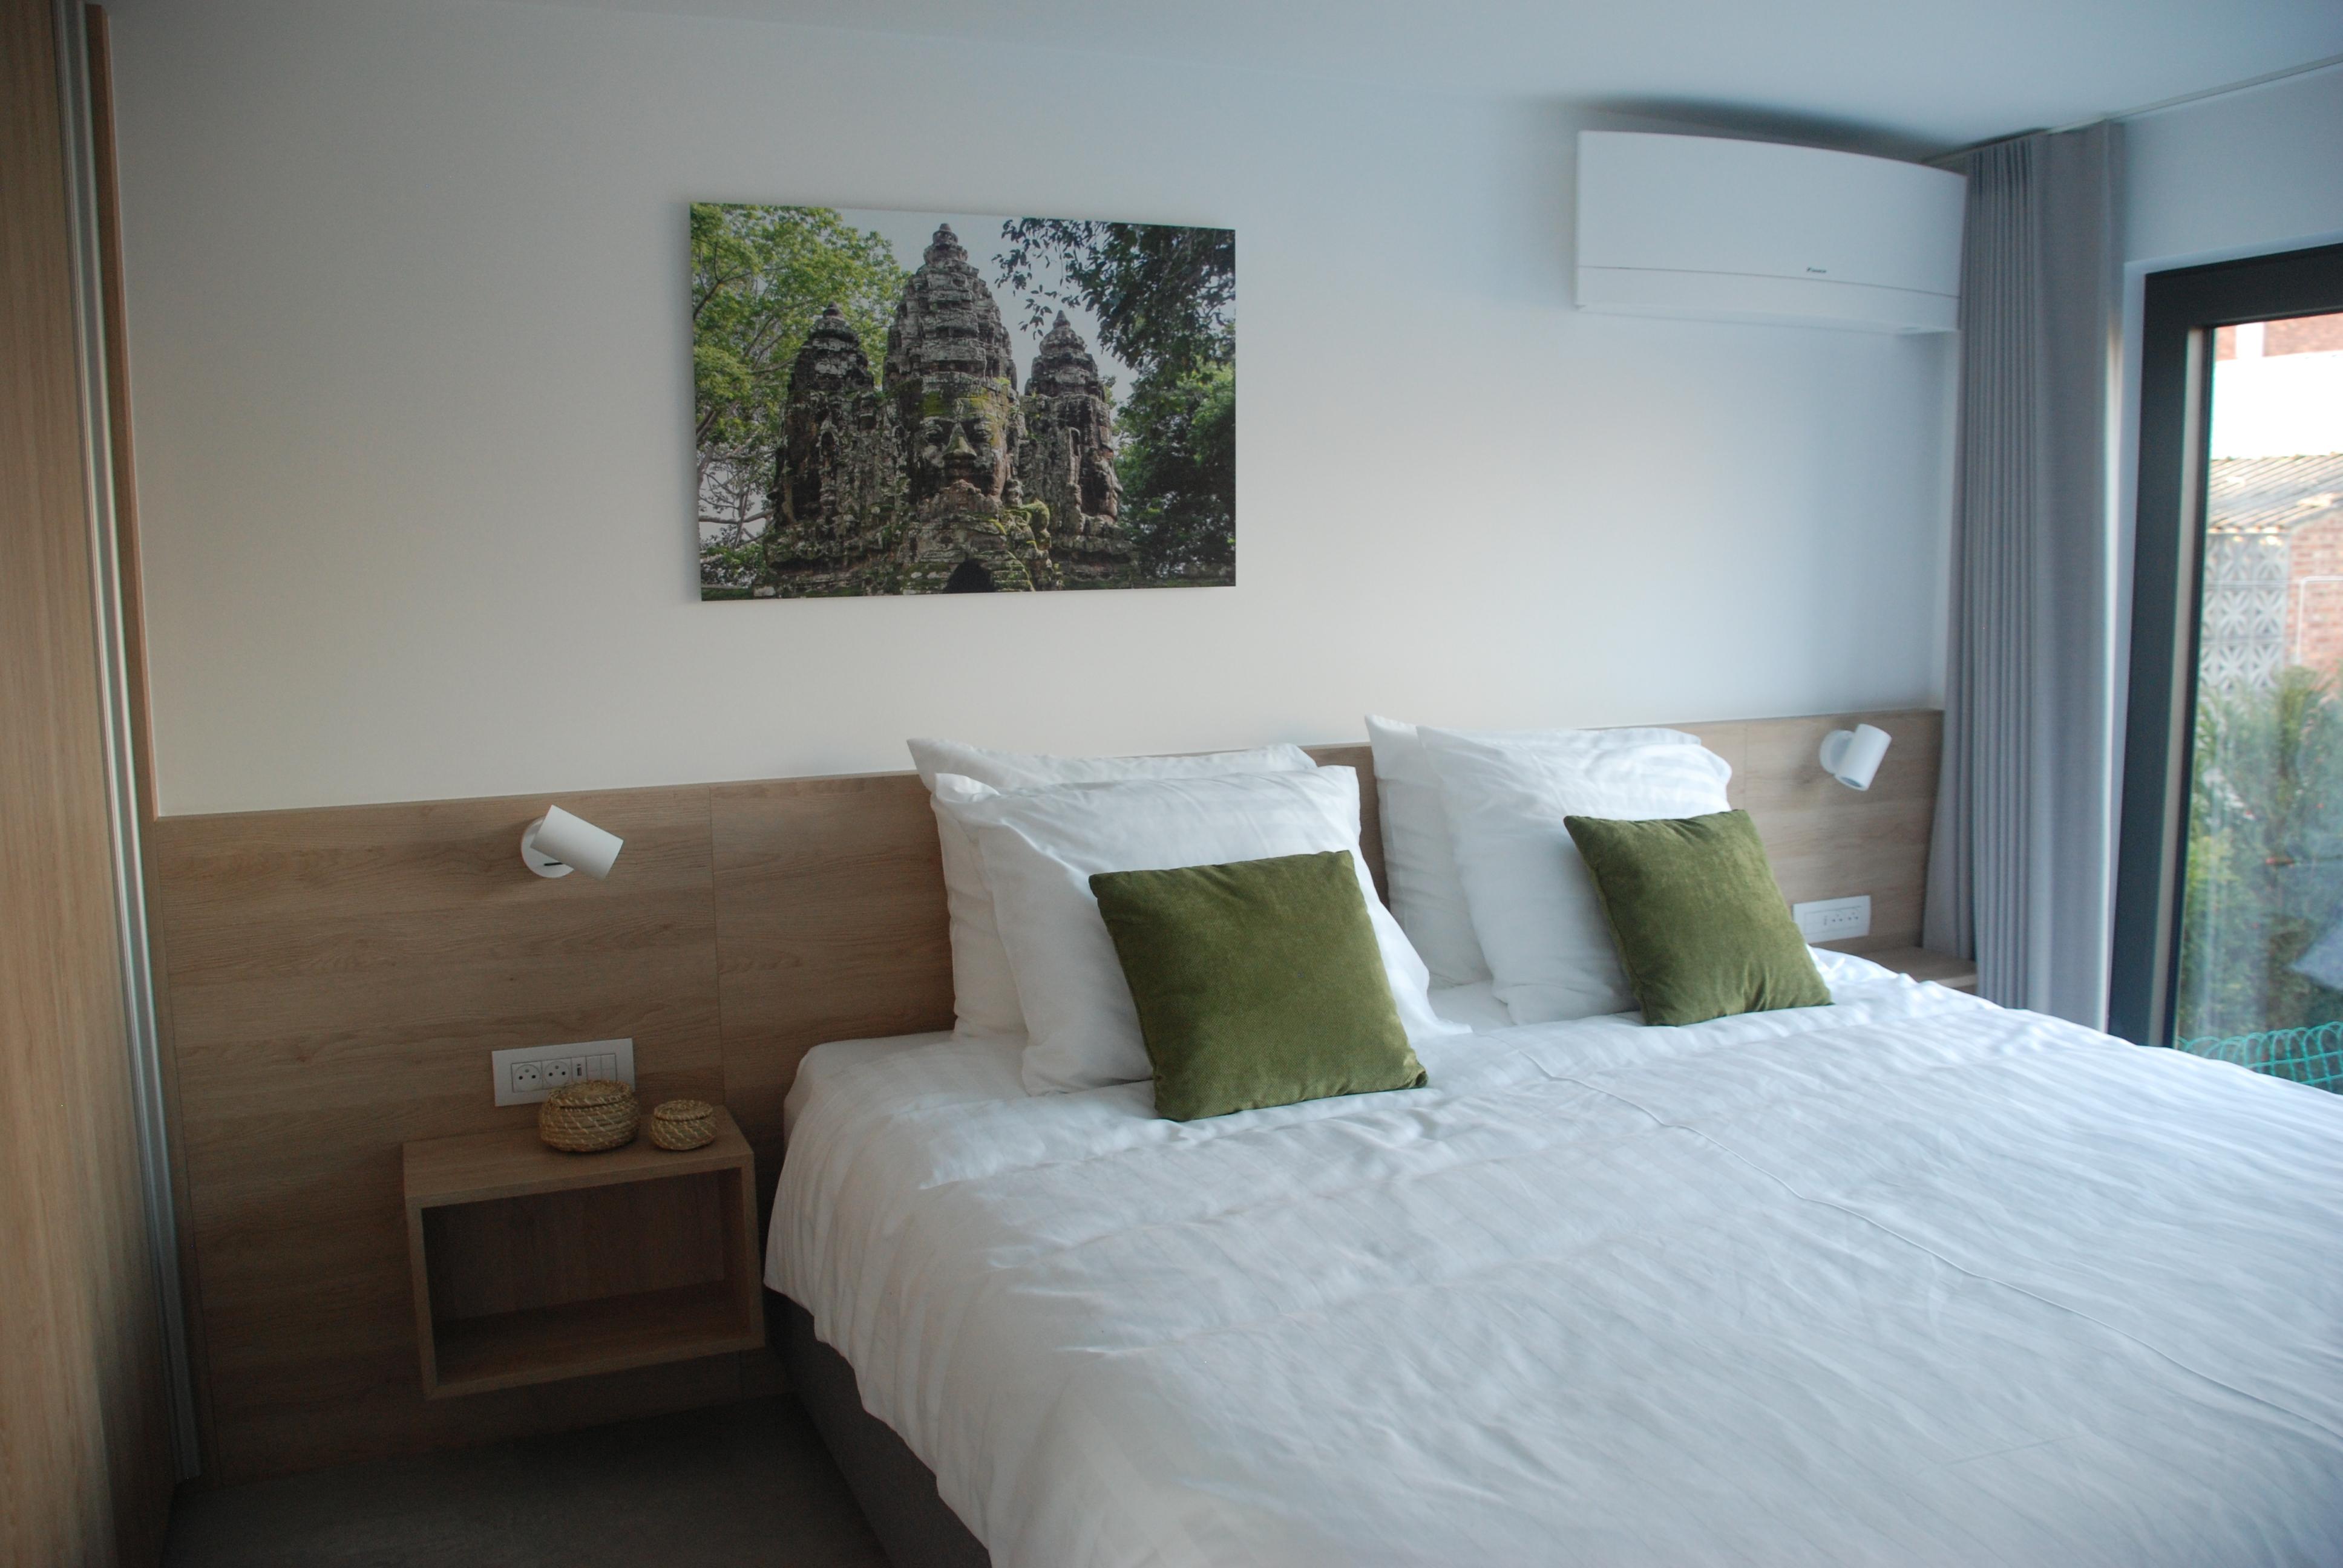 Gelijkvloers slaapkamer cambodja 2